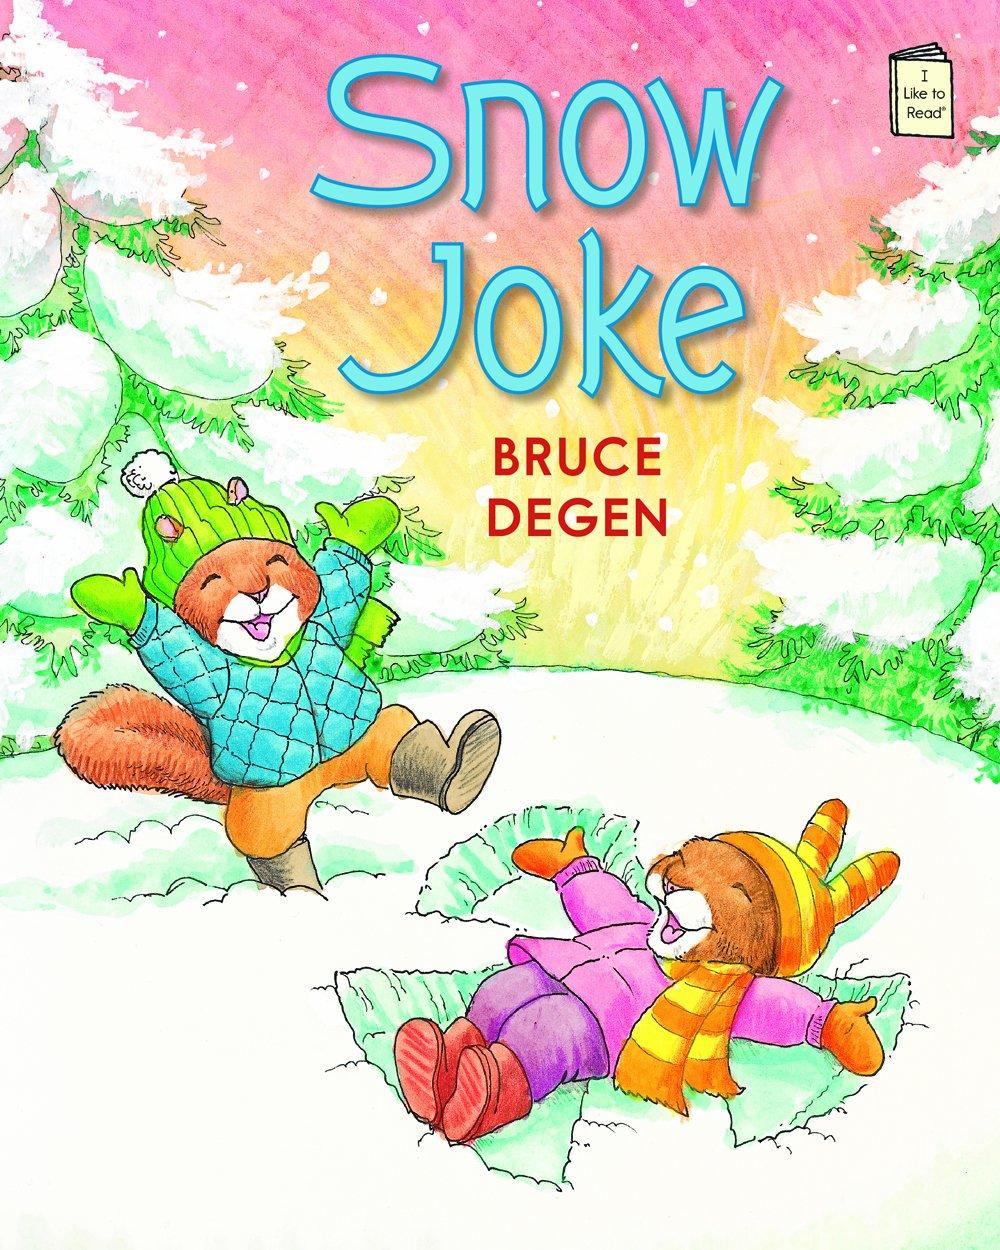 Snow Joke (I Like to Read) by Bruce Degen